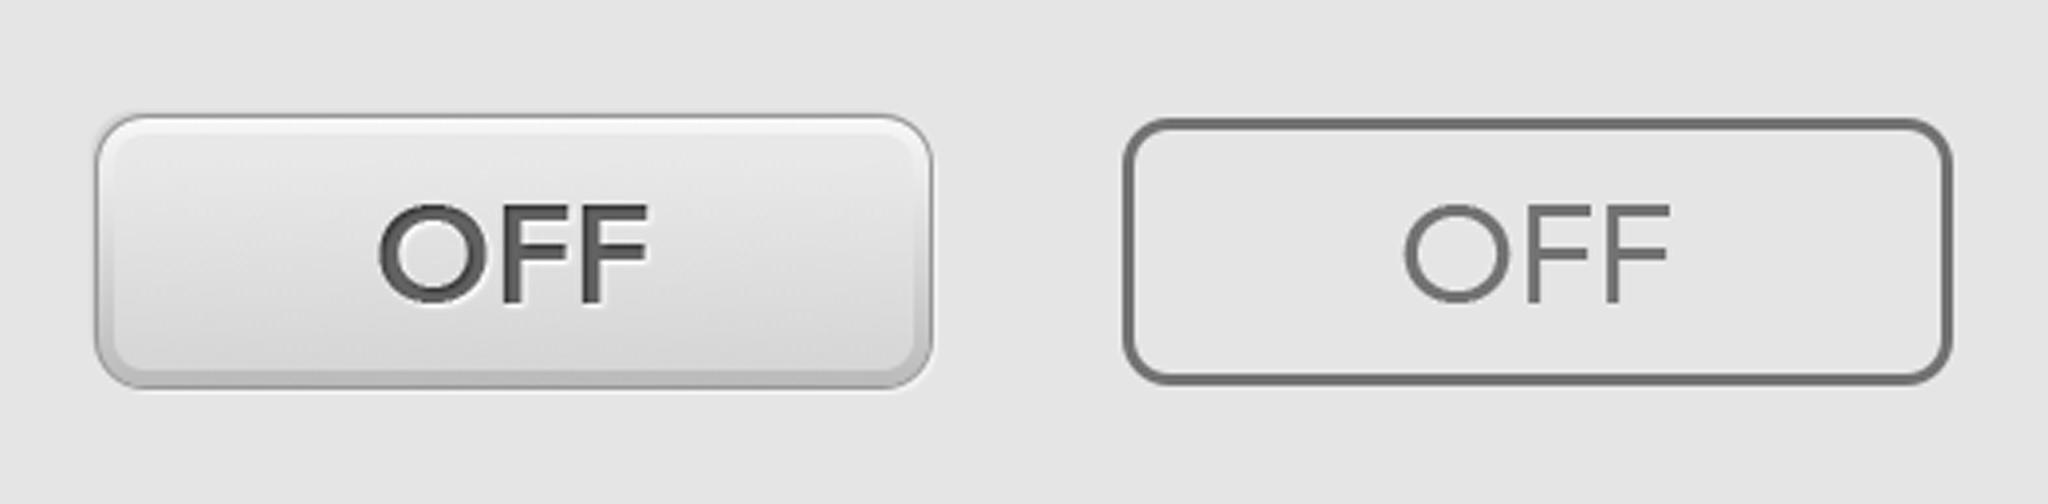 飛び出し表現のあるボタンとフラットなボタン